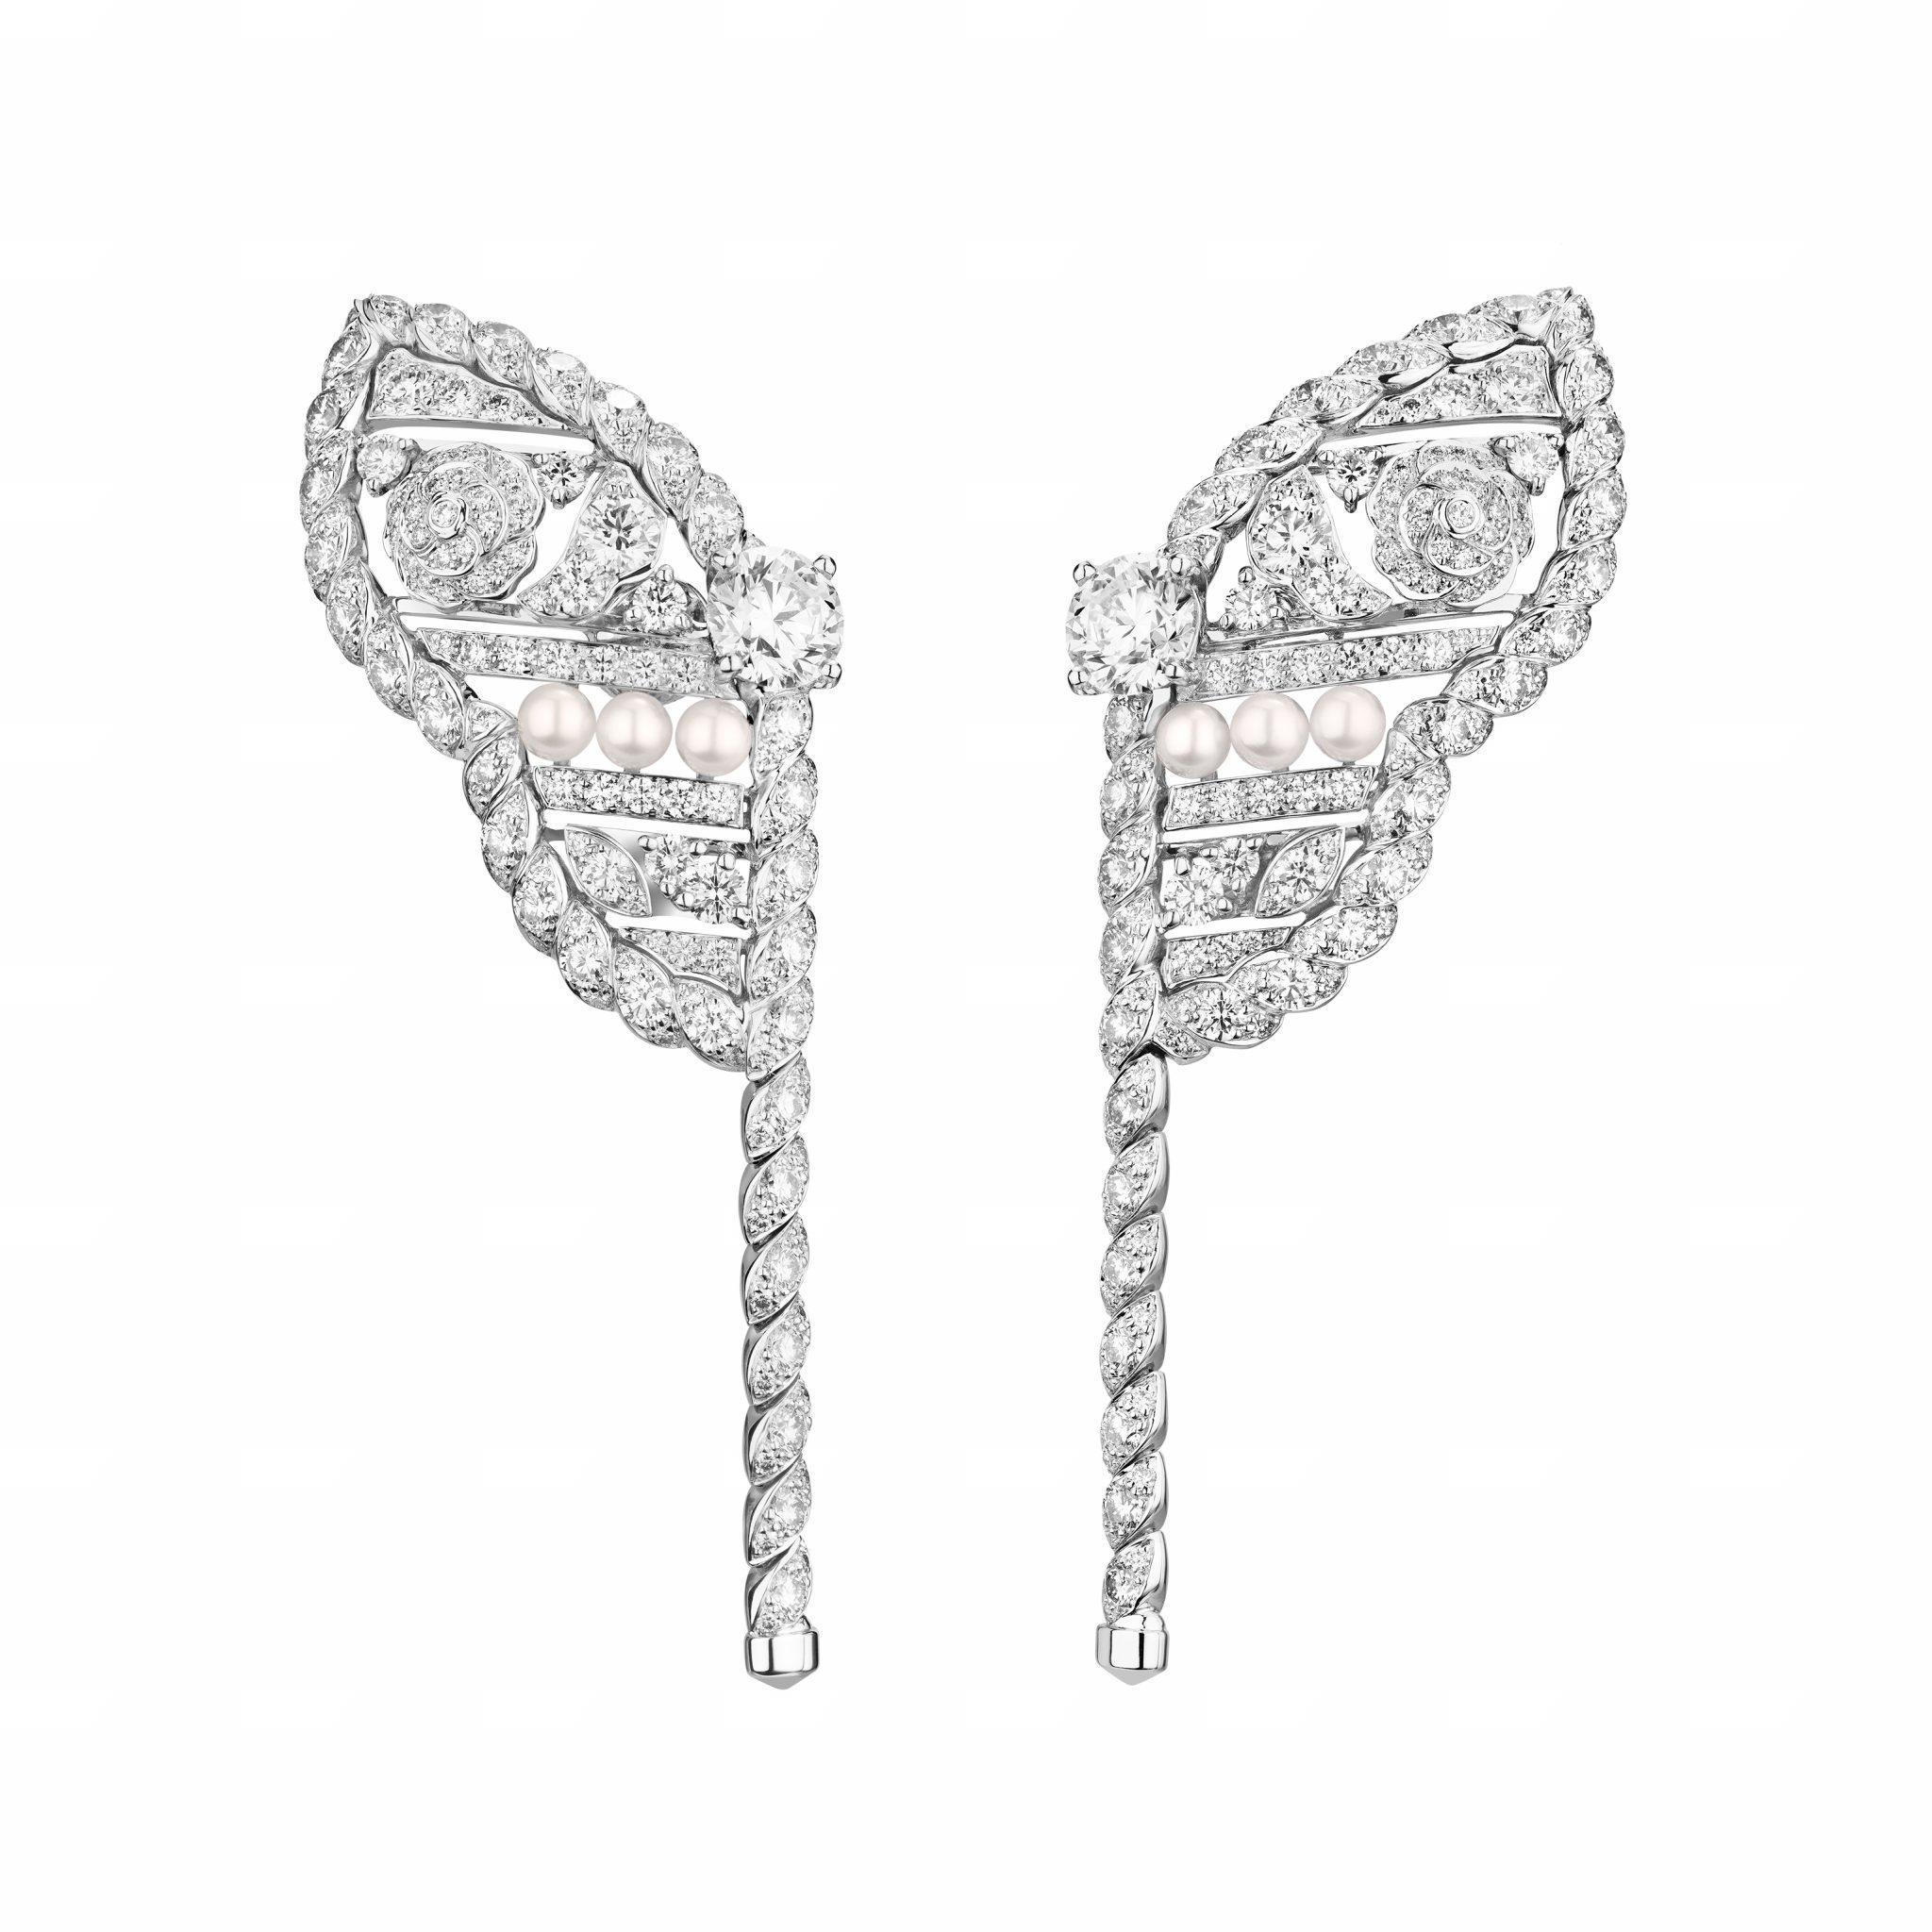 Roubachka CHANEL boucles d'oreilles Esprit de Gabrielle espritdegabrielle.com